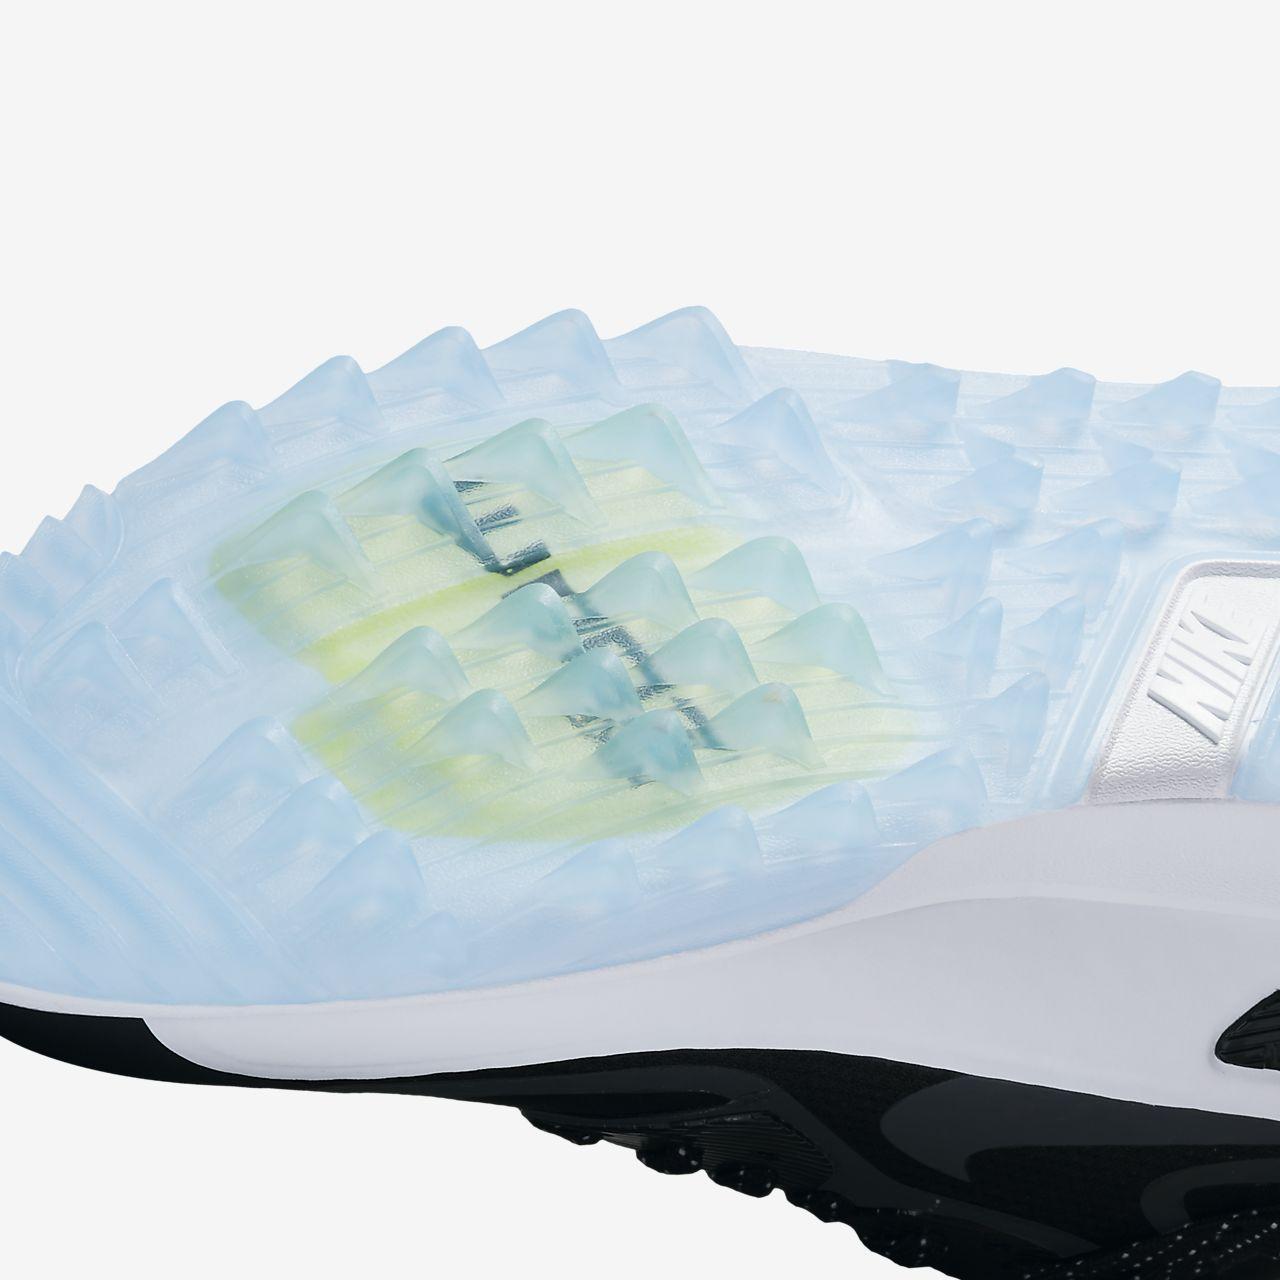 4877c0edb3 Nike Air Zoom 90 IT Women's Golf Shoe. Nike.com GB